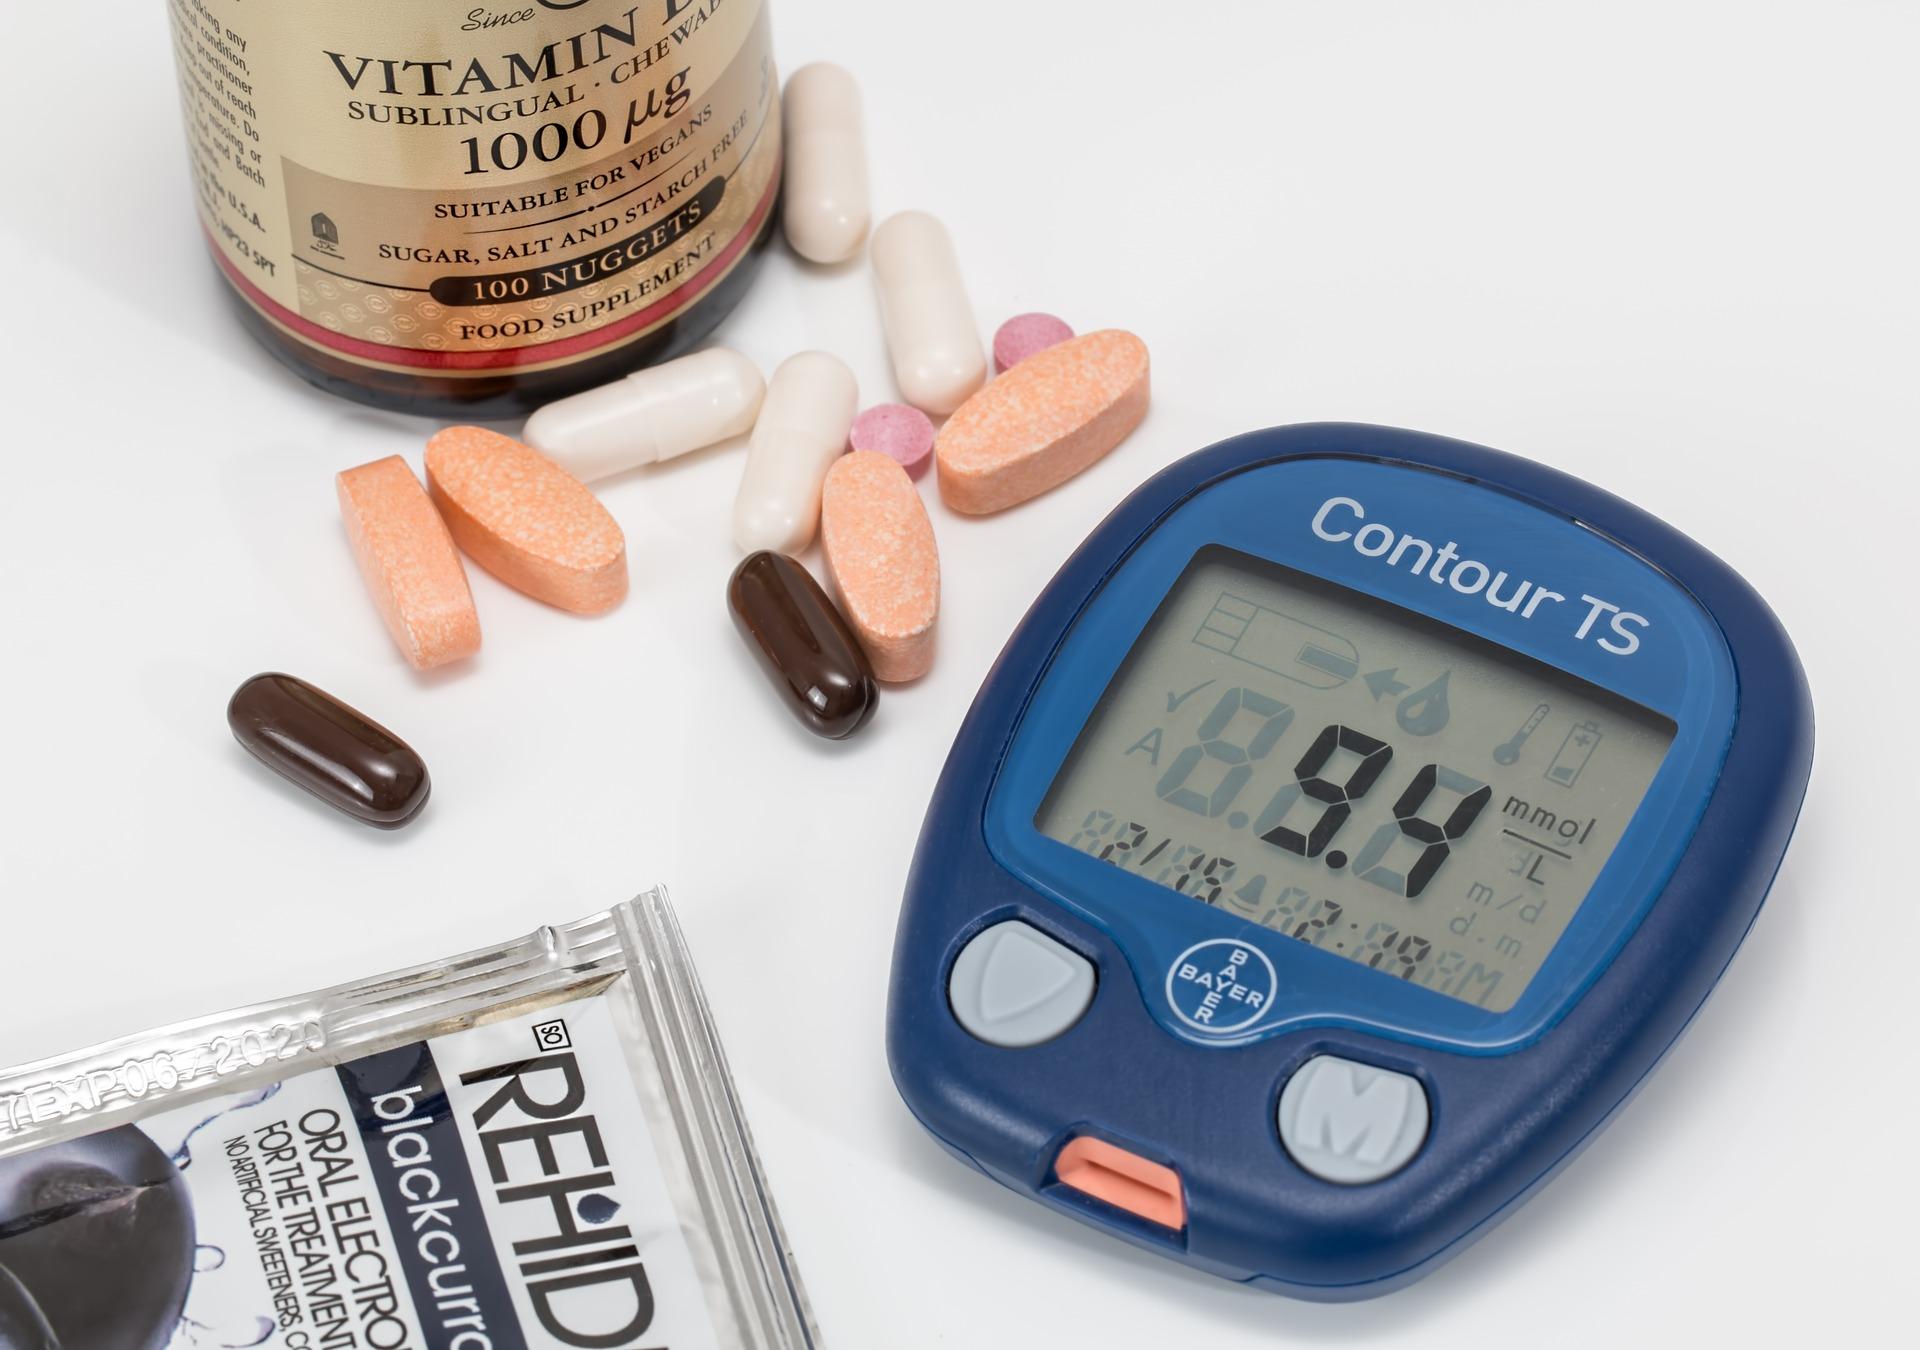 Prehranska dopolnila in nižji stroški zdravstva